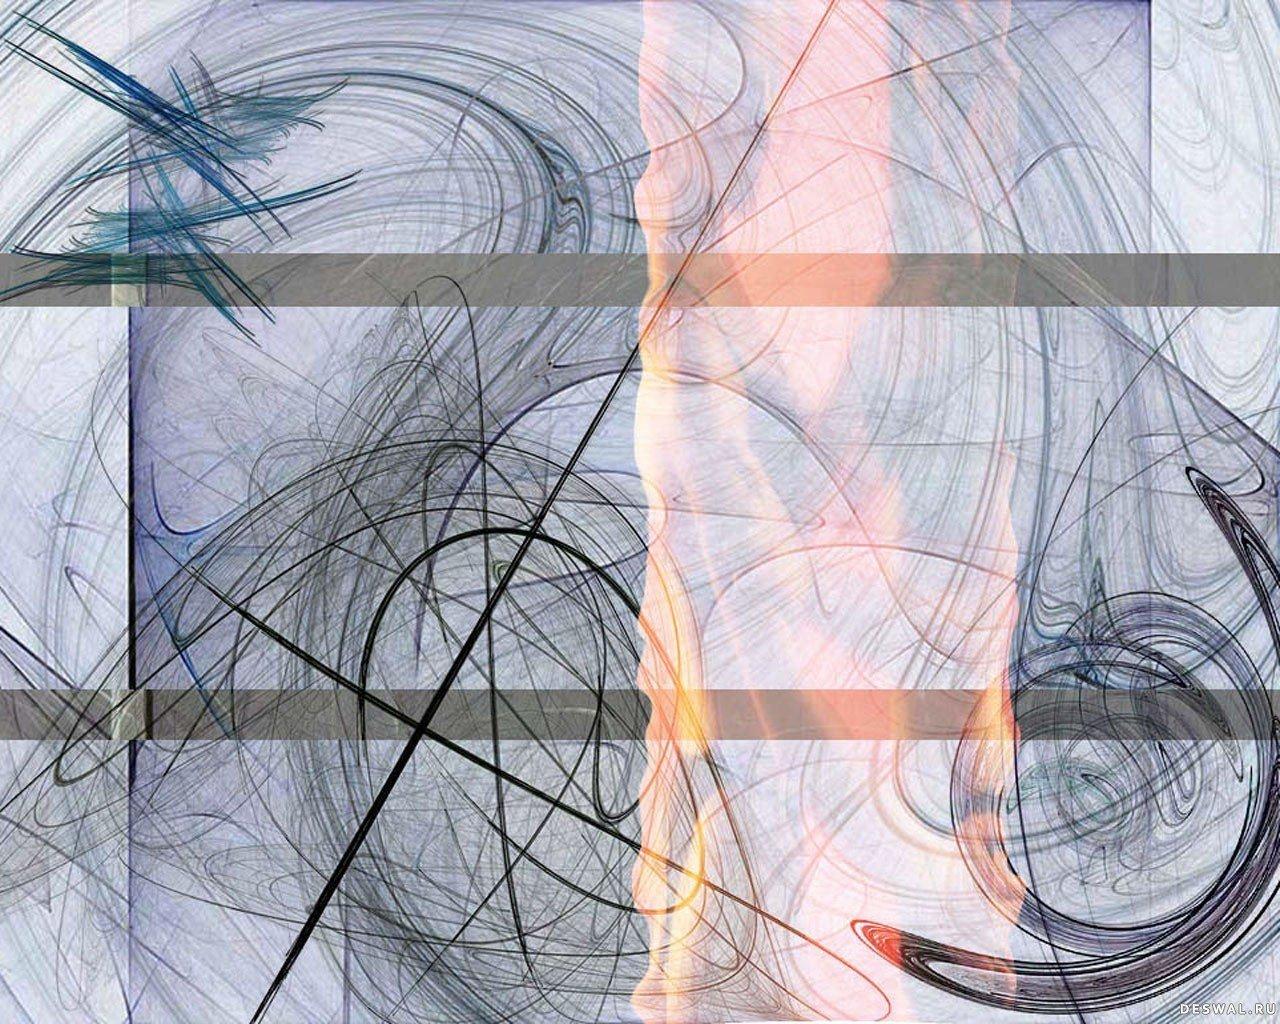 Фото 25.. Нажмите на картинку с абстрактными обоями, чтобы просмотреть ее в реальном размере